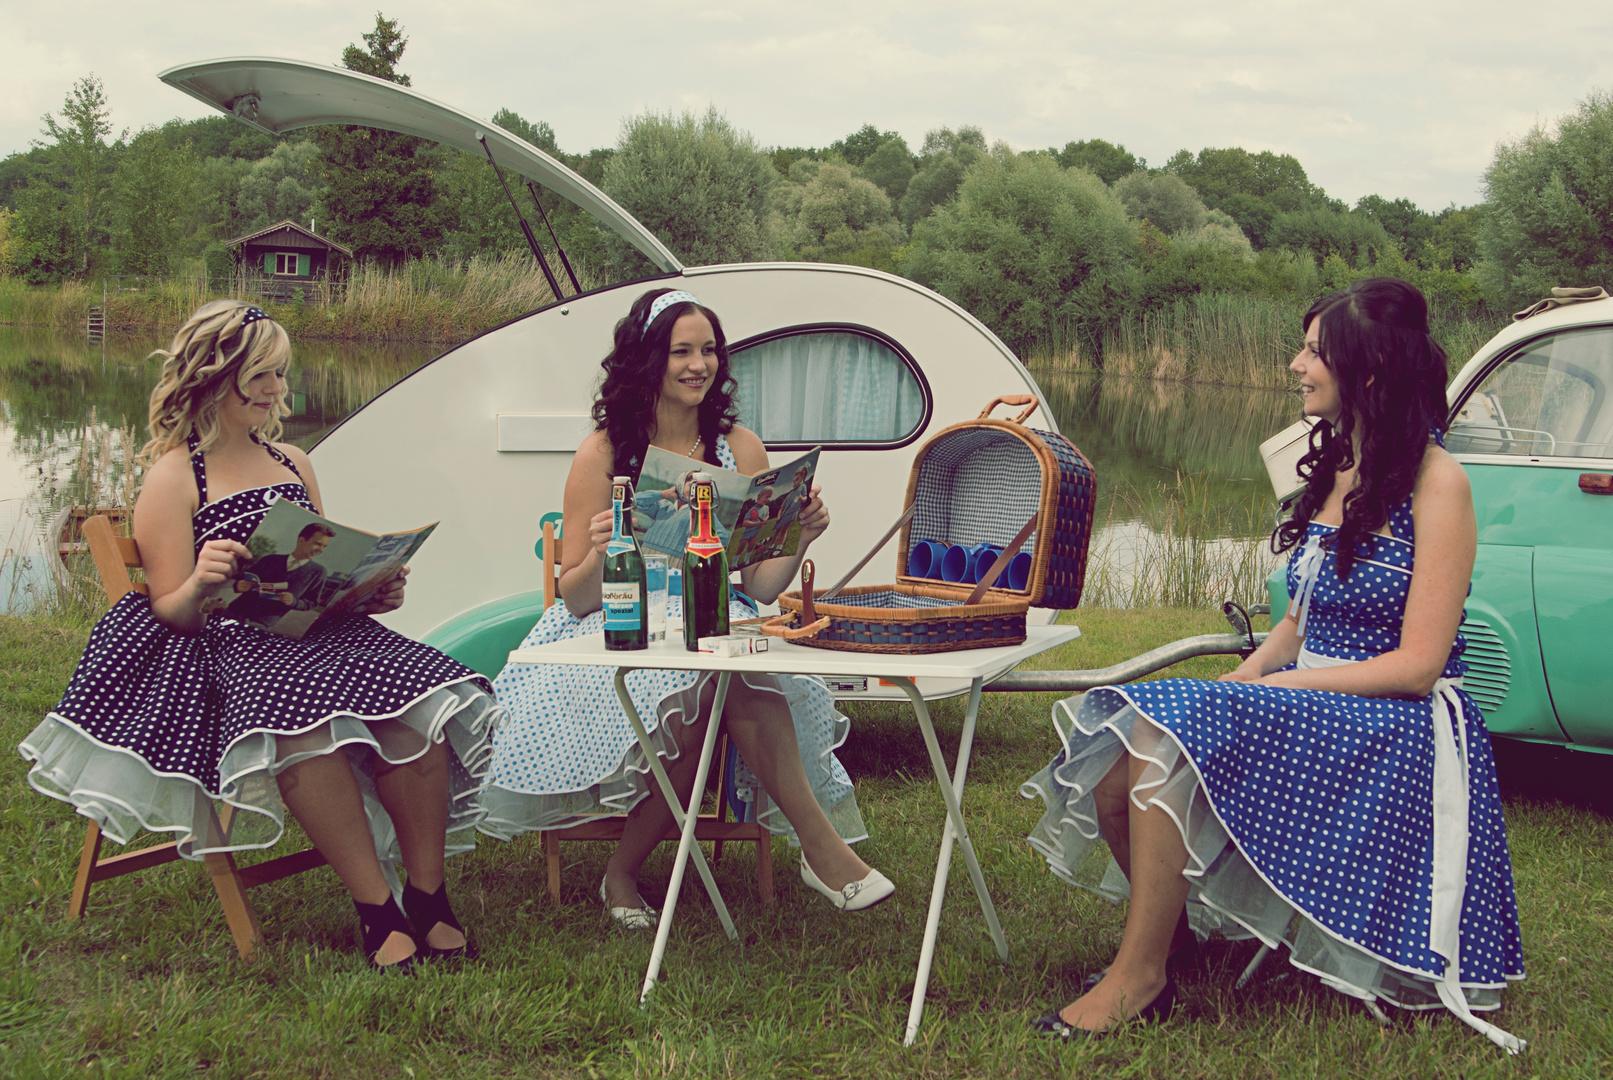 camping der 50er jahre foto bild erwachsene menschen in der freizeit camping bilder auf. Black Bedroom Furniture Sets. Home Design Ideas